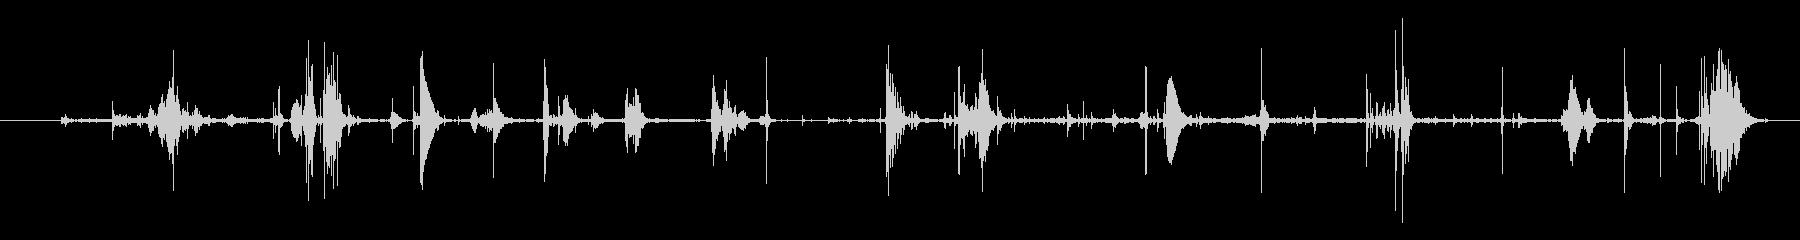 モンスター 肉食02の未再生の波形